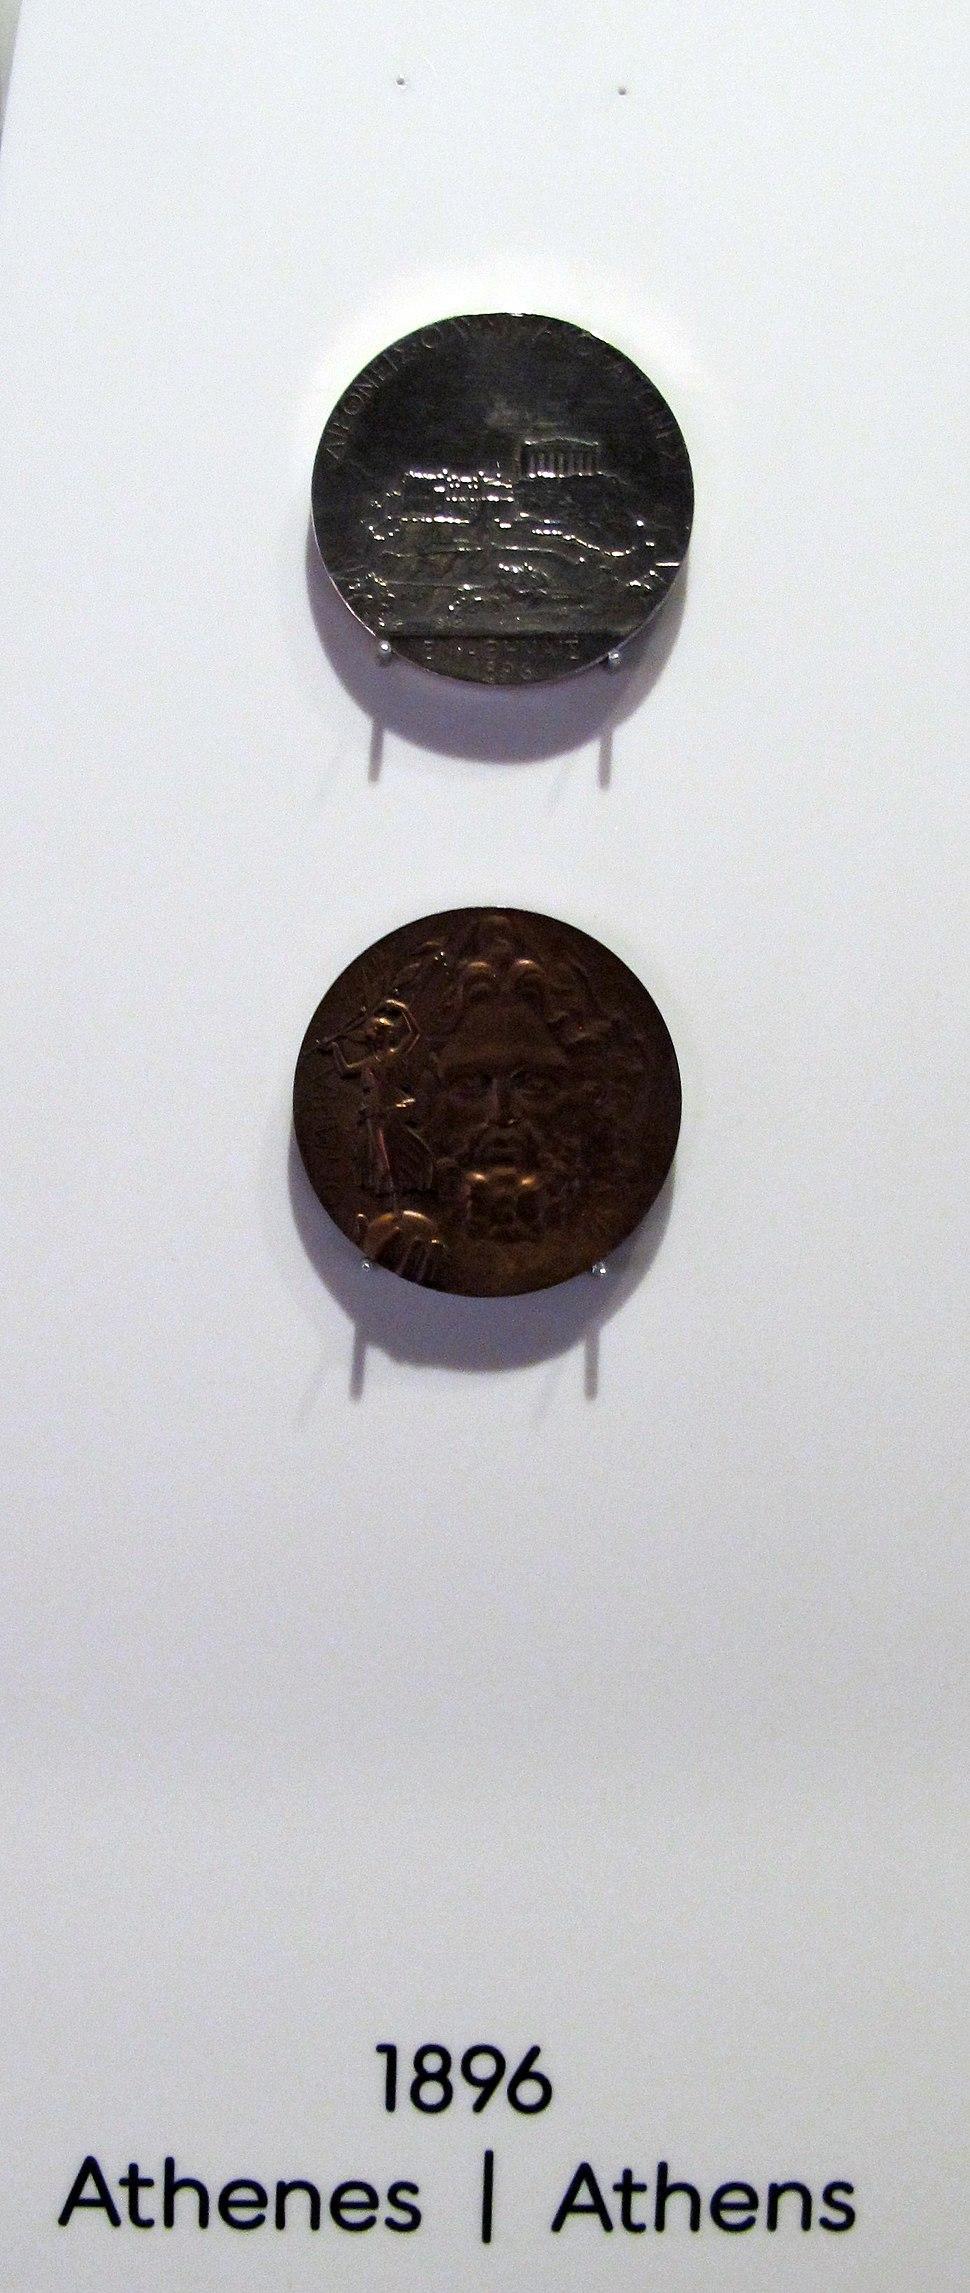 Losanna, museo olimpico, medaglie di 1896 atene